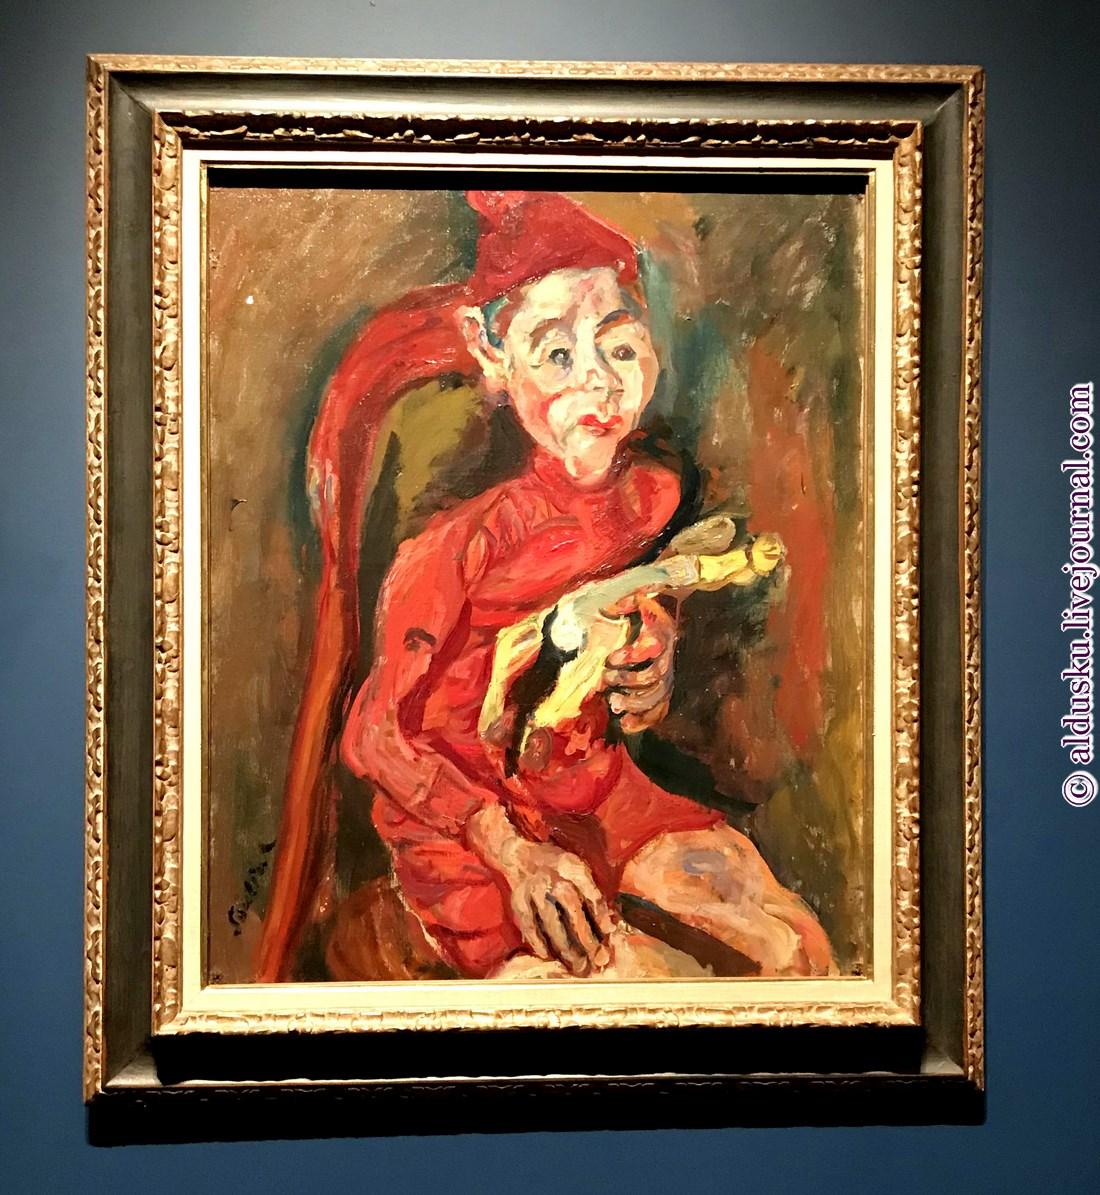 3. Ребенок с игрушкой. Около 1919. Фонд Оберштег (Фонд Има Оберштега), Художественный музей Базеля, Швейцария 81 x 64.5 cm.